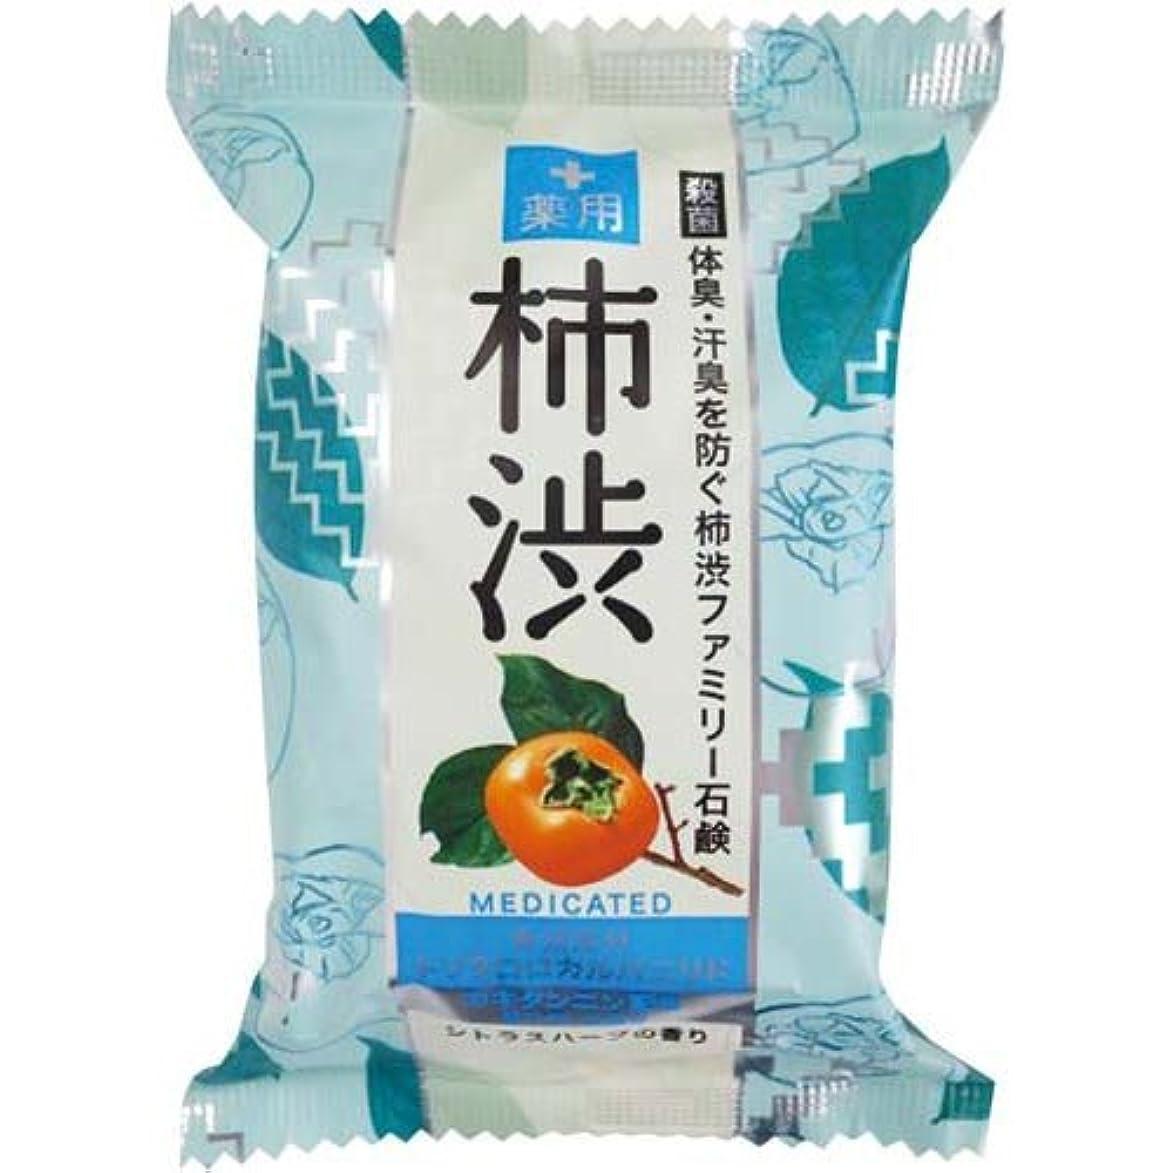 最小前述の革命的ペリカン石鹸 薬用ファミリー柿渋石鹸×6個×4箱